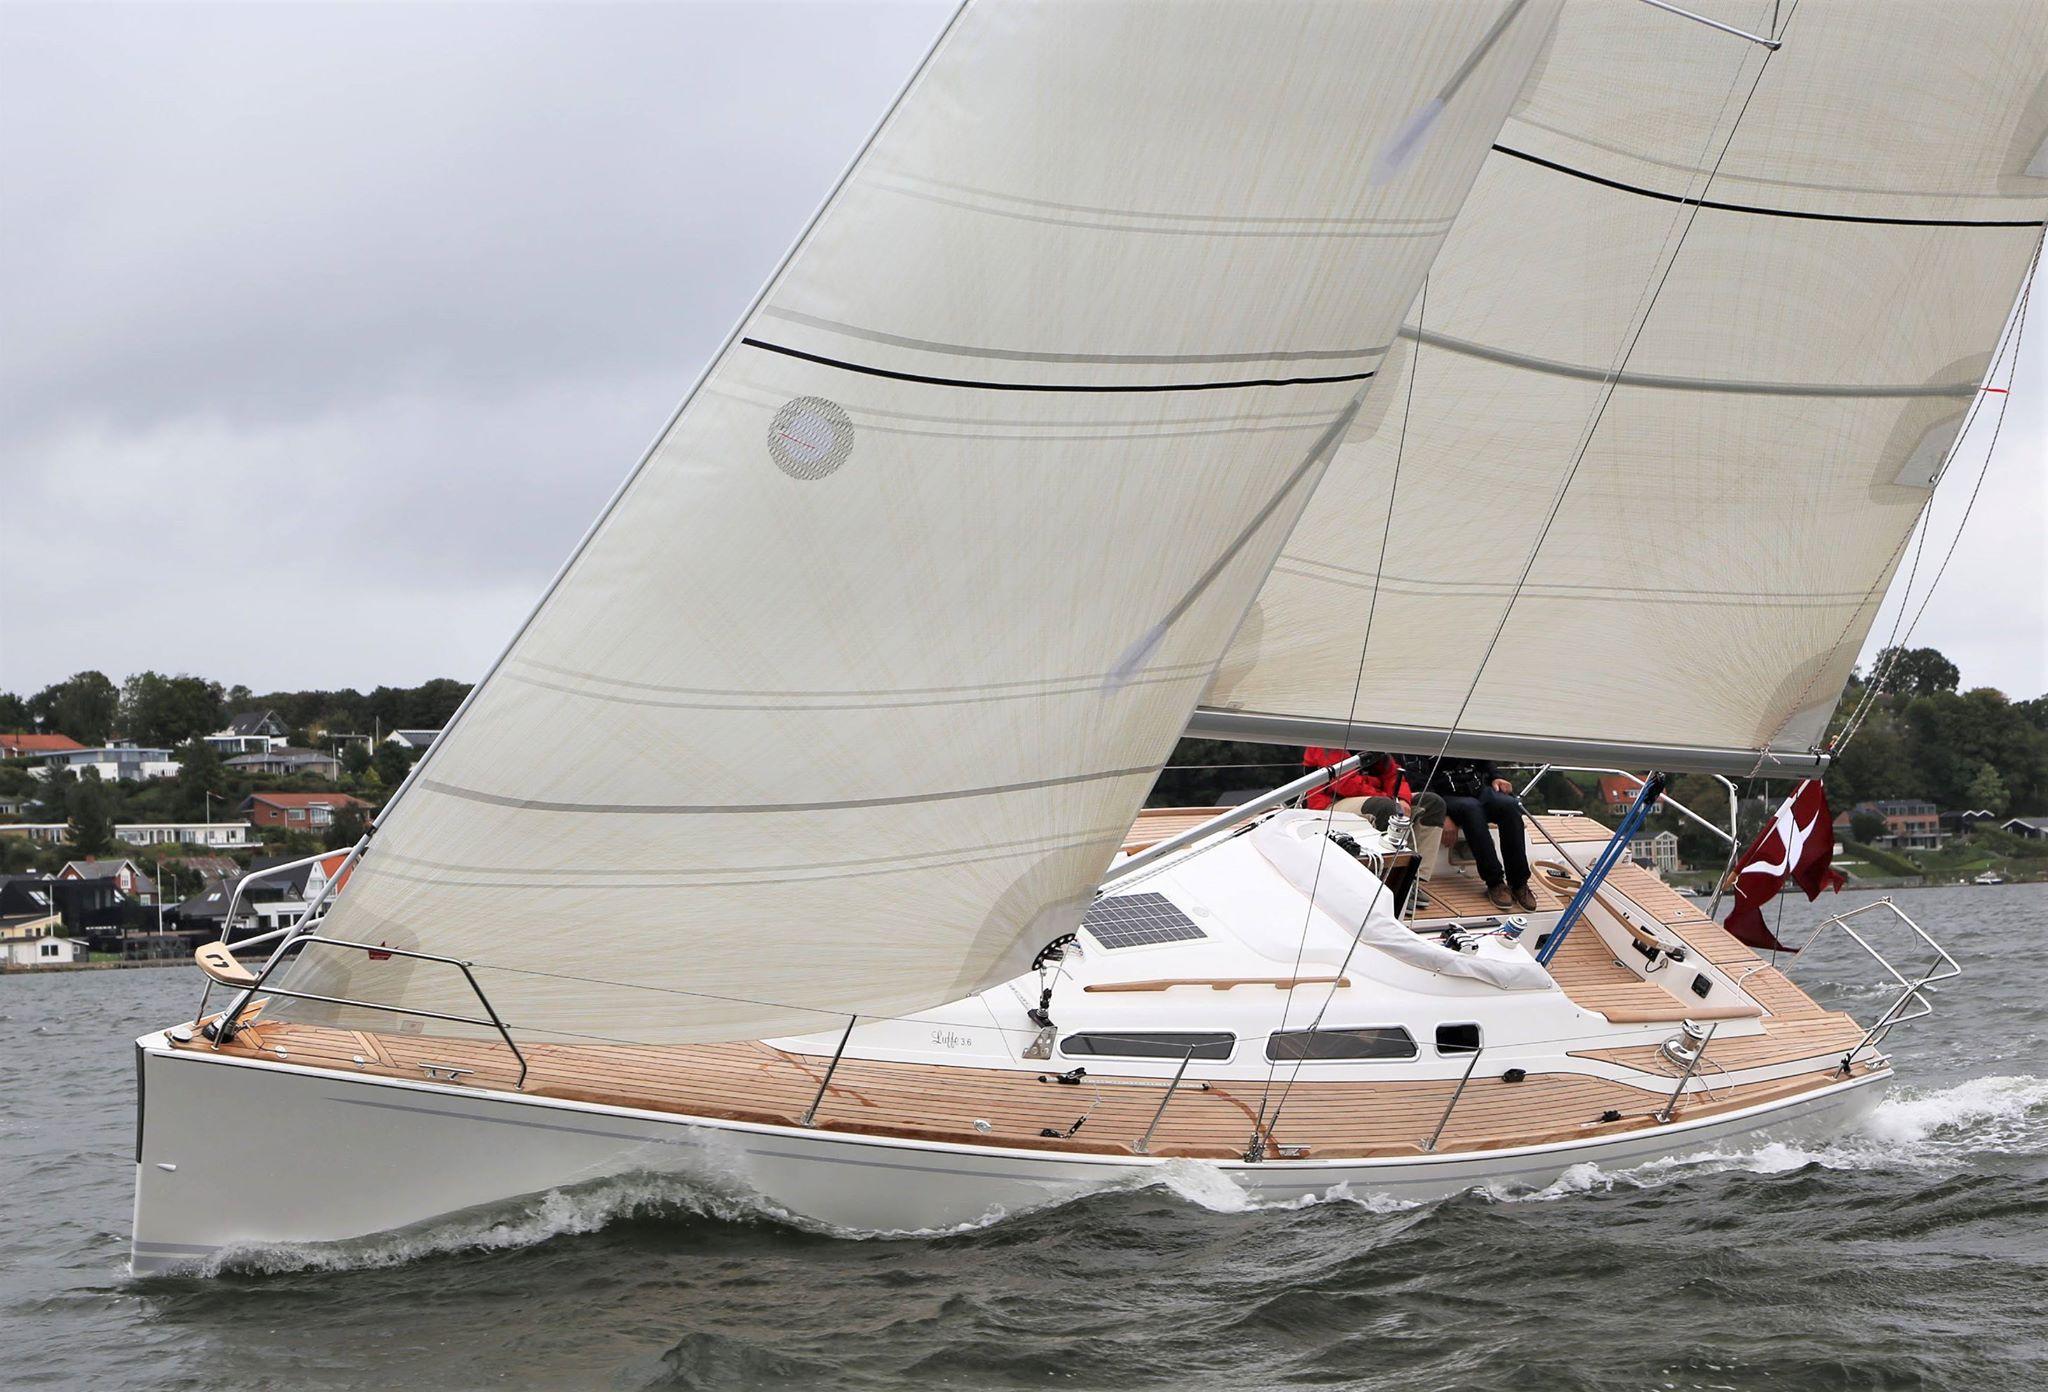 Båden var i god balance når det ikke blæste 10 m/sek. i pustene, hvor vi skulle have rebet storsejlet. Fotos: Troels Lykke